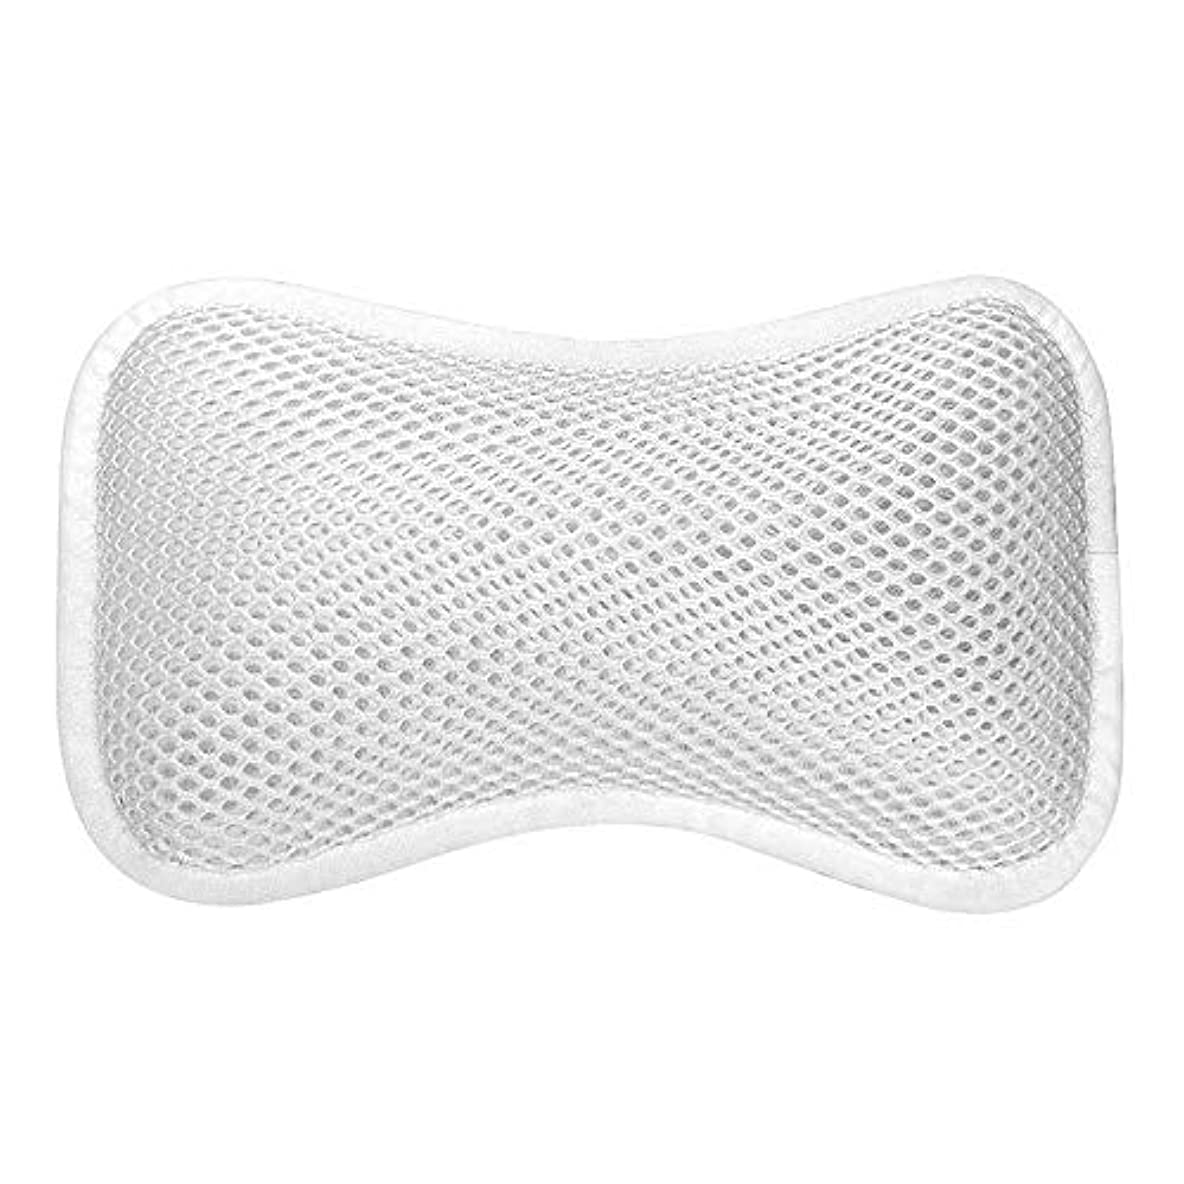 湿った管理世辞3D網の骨の定形バスタブの枕、吸盤が付いている人間工学的の設計滑り止??めの浴槽の枕